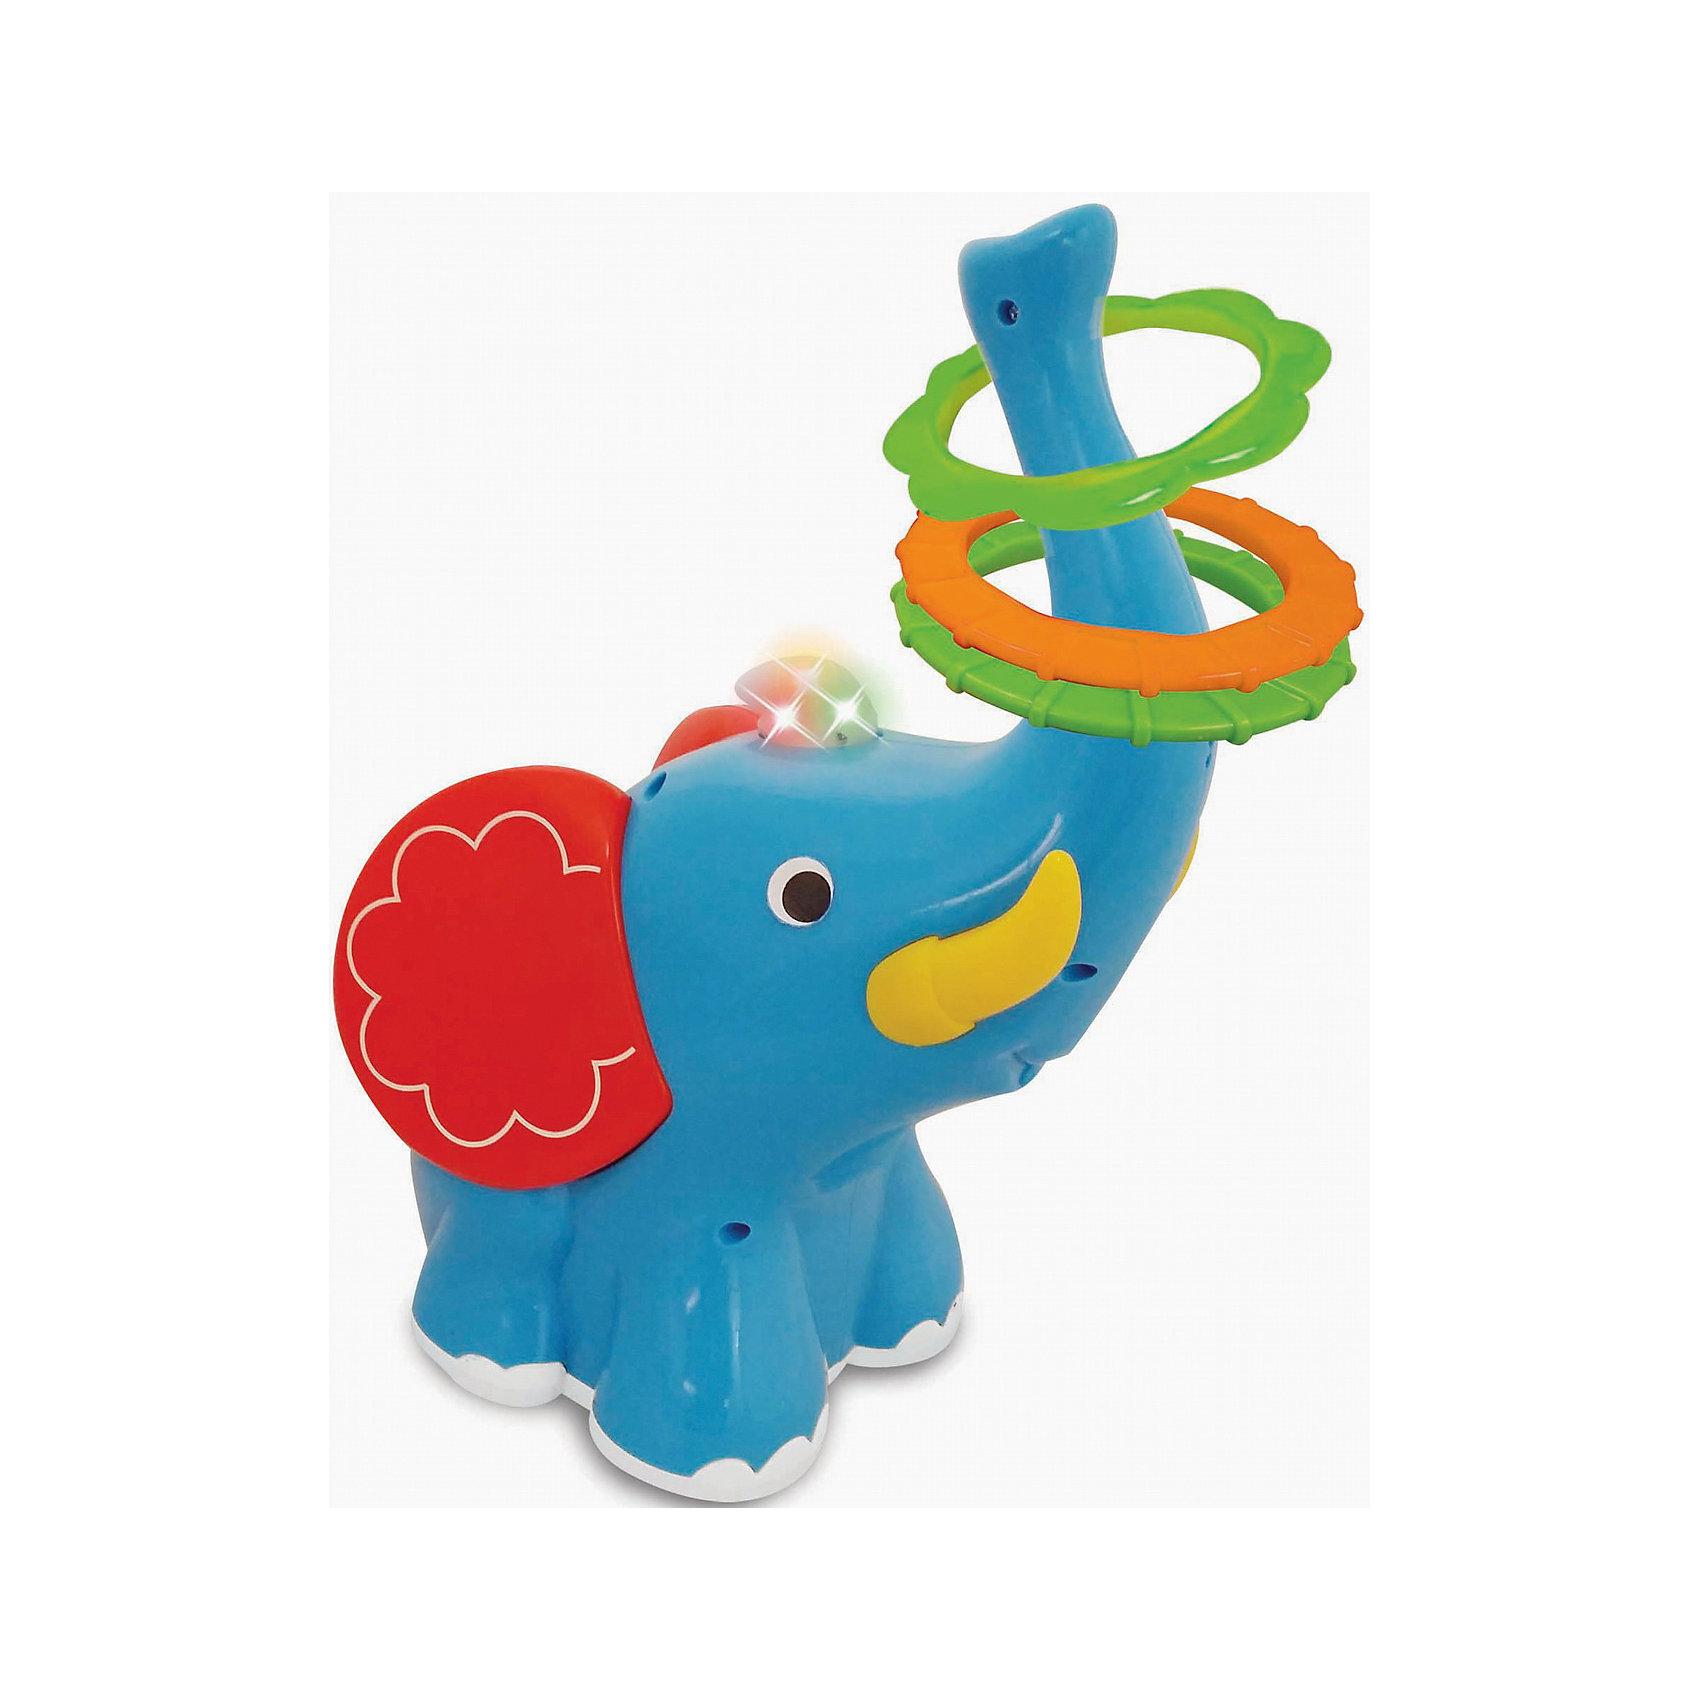 Развивающая игрушка Слон-кольцеброс, KiddielandРазвивающая игрушка Слон-кольцеброс, Kiddieland (Киддилэнд).<br><br>Характеристики:<br><br>- Комплектация: слоник, 3 кольца.<br>- Материал: пластик<br>- Батарейки: 3 х АА (входят в комплект)<br><br>Яркая развивающая игрушка Слон-кольцеброс, Kiddieland (Киддилэнд), несомненно, порадует малыша! Слоненок-кольцеброс оснащен колесиками. При движении Слоника вперед, назад и в разные стороны ребенок должен набросить кольца на его хобот. Игра сопровождается веселой музыкой и мерцанием разноцветных огоньков. Игра со слоником способствует развитию фантазии, воображения, пространственного мышления, мелкой моторики и координации движений. Все элементы набора выполнены из качественного пластика.<br><br>Развивающую игрушку Слон-кольцеброс, Kiddieland (Киддилэнд) можно купить в нашем интернет-магазине.<br><br>Ширина мм: 200<br>Глубина мм: 180<br>Высота мм: 300<br>Вес г: 800<br>Возраст от месяцев: 12<br>Возраст до месяцев: 36<br>Пол: Унисекс<br>Возраст: Детский<br>SKU: 5054105